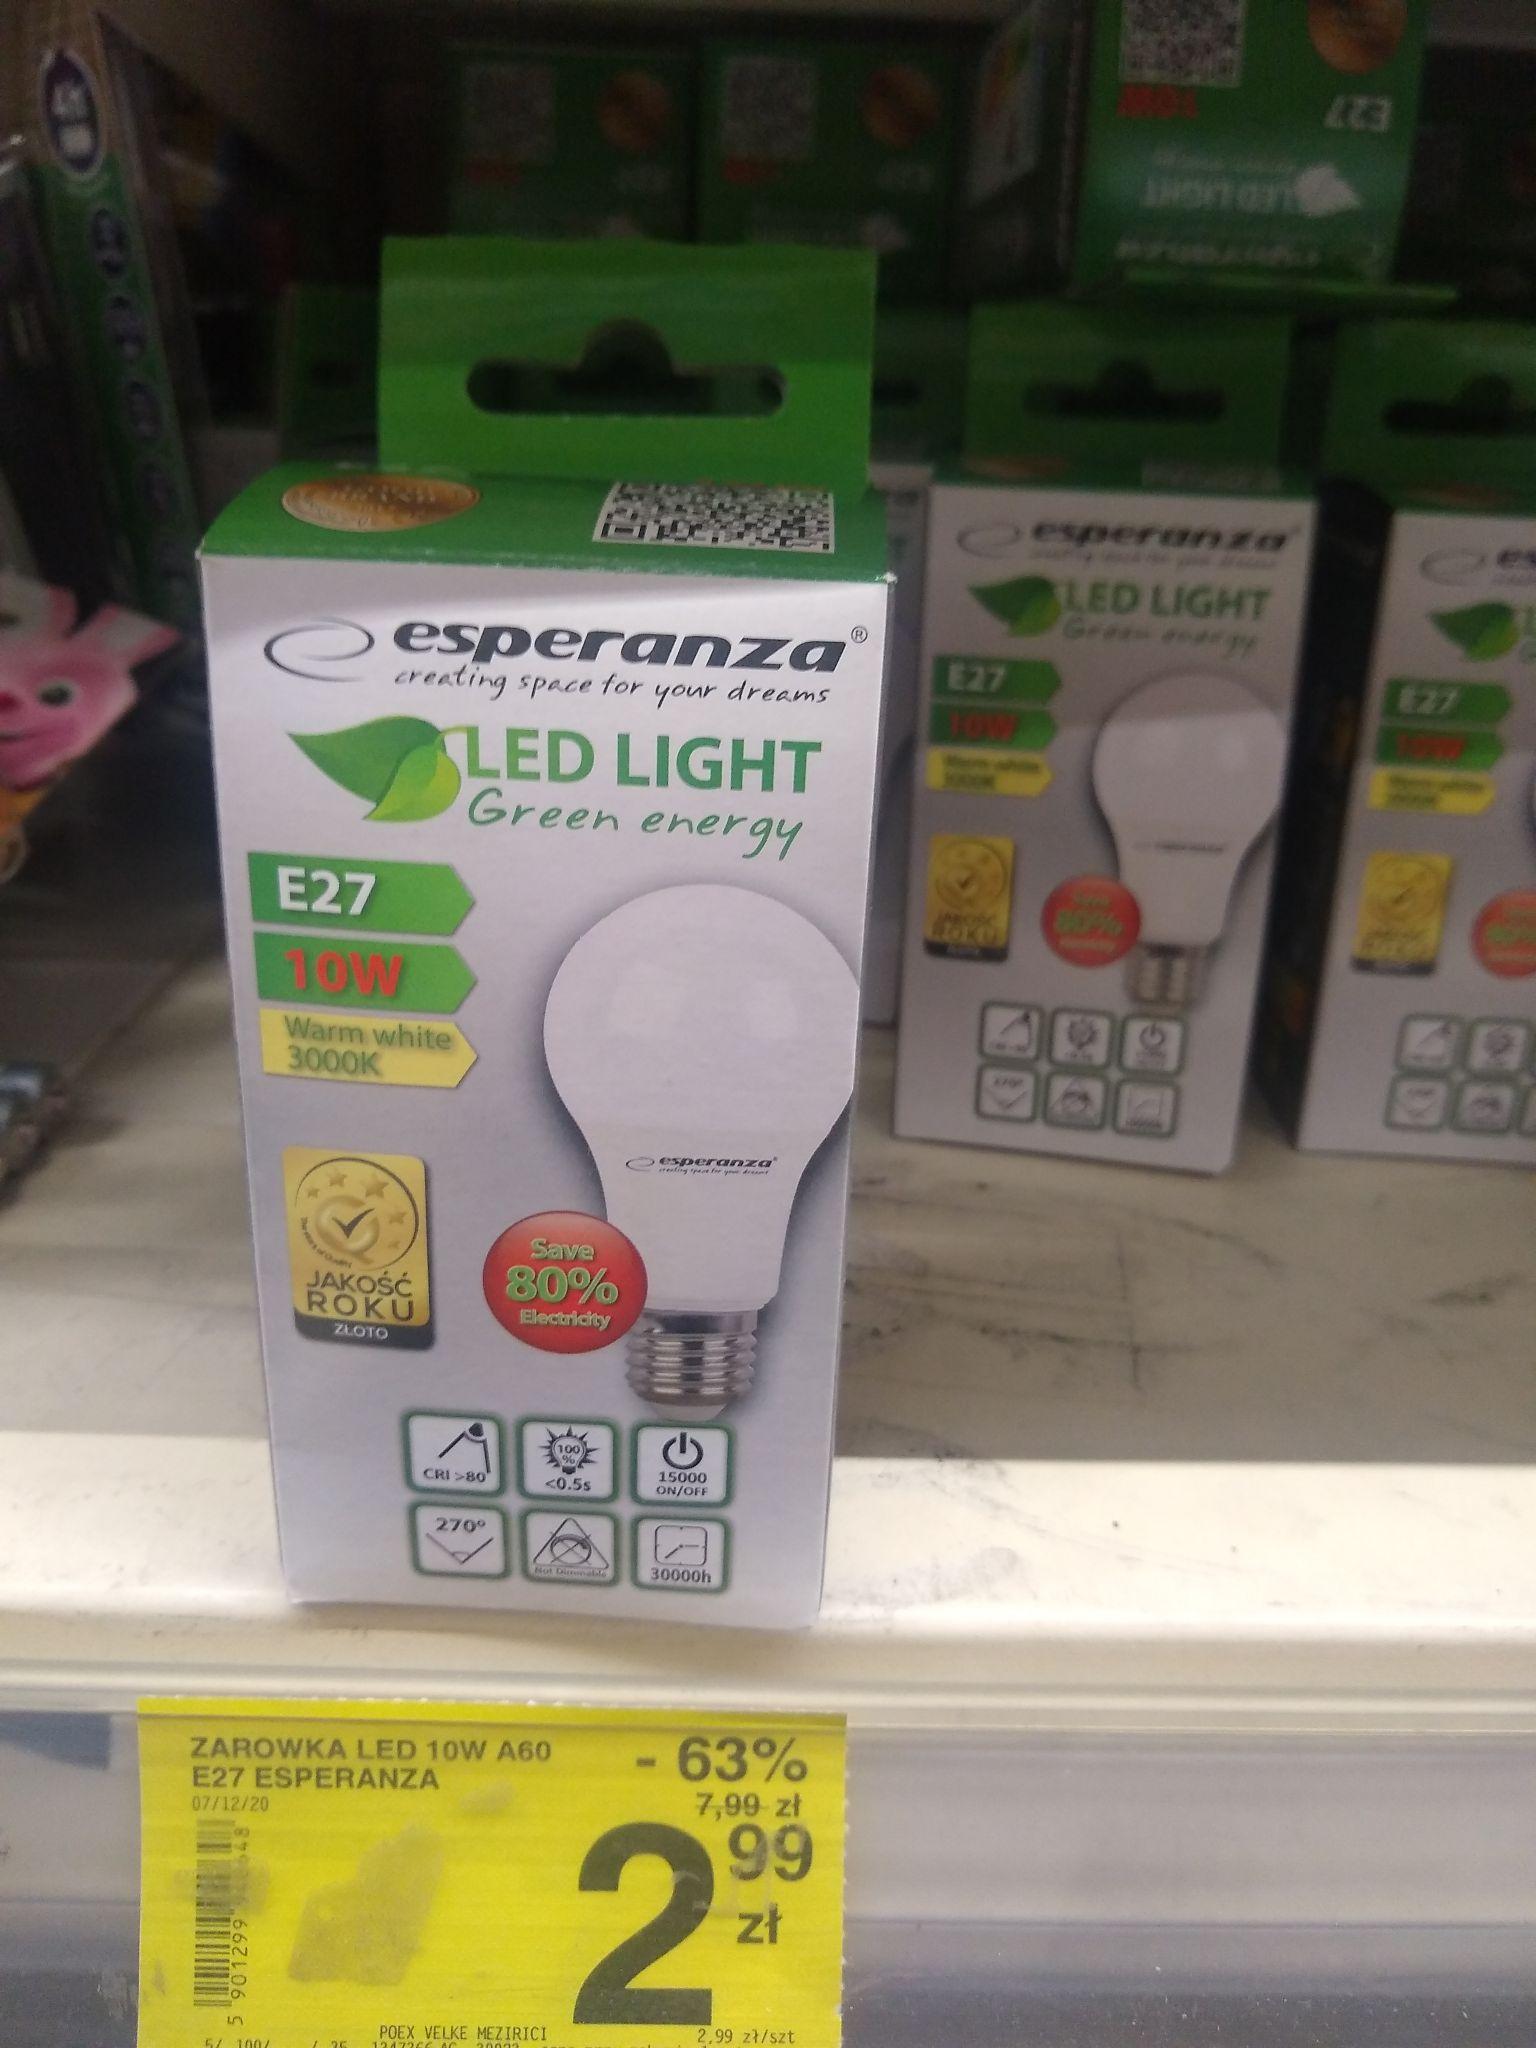 Żarówka Esperanza LED 10w e27 840lm 3000K ciepła barwa Carrefour